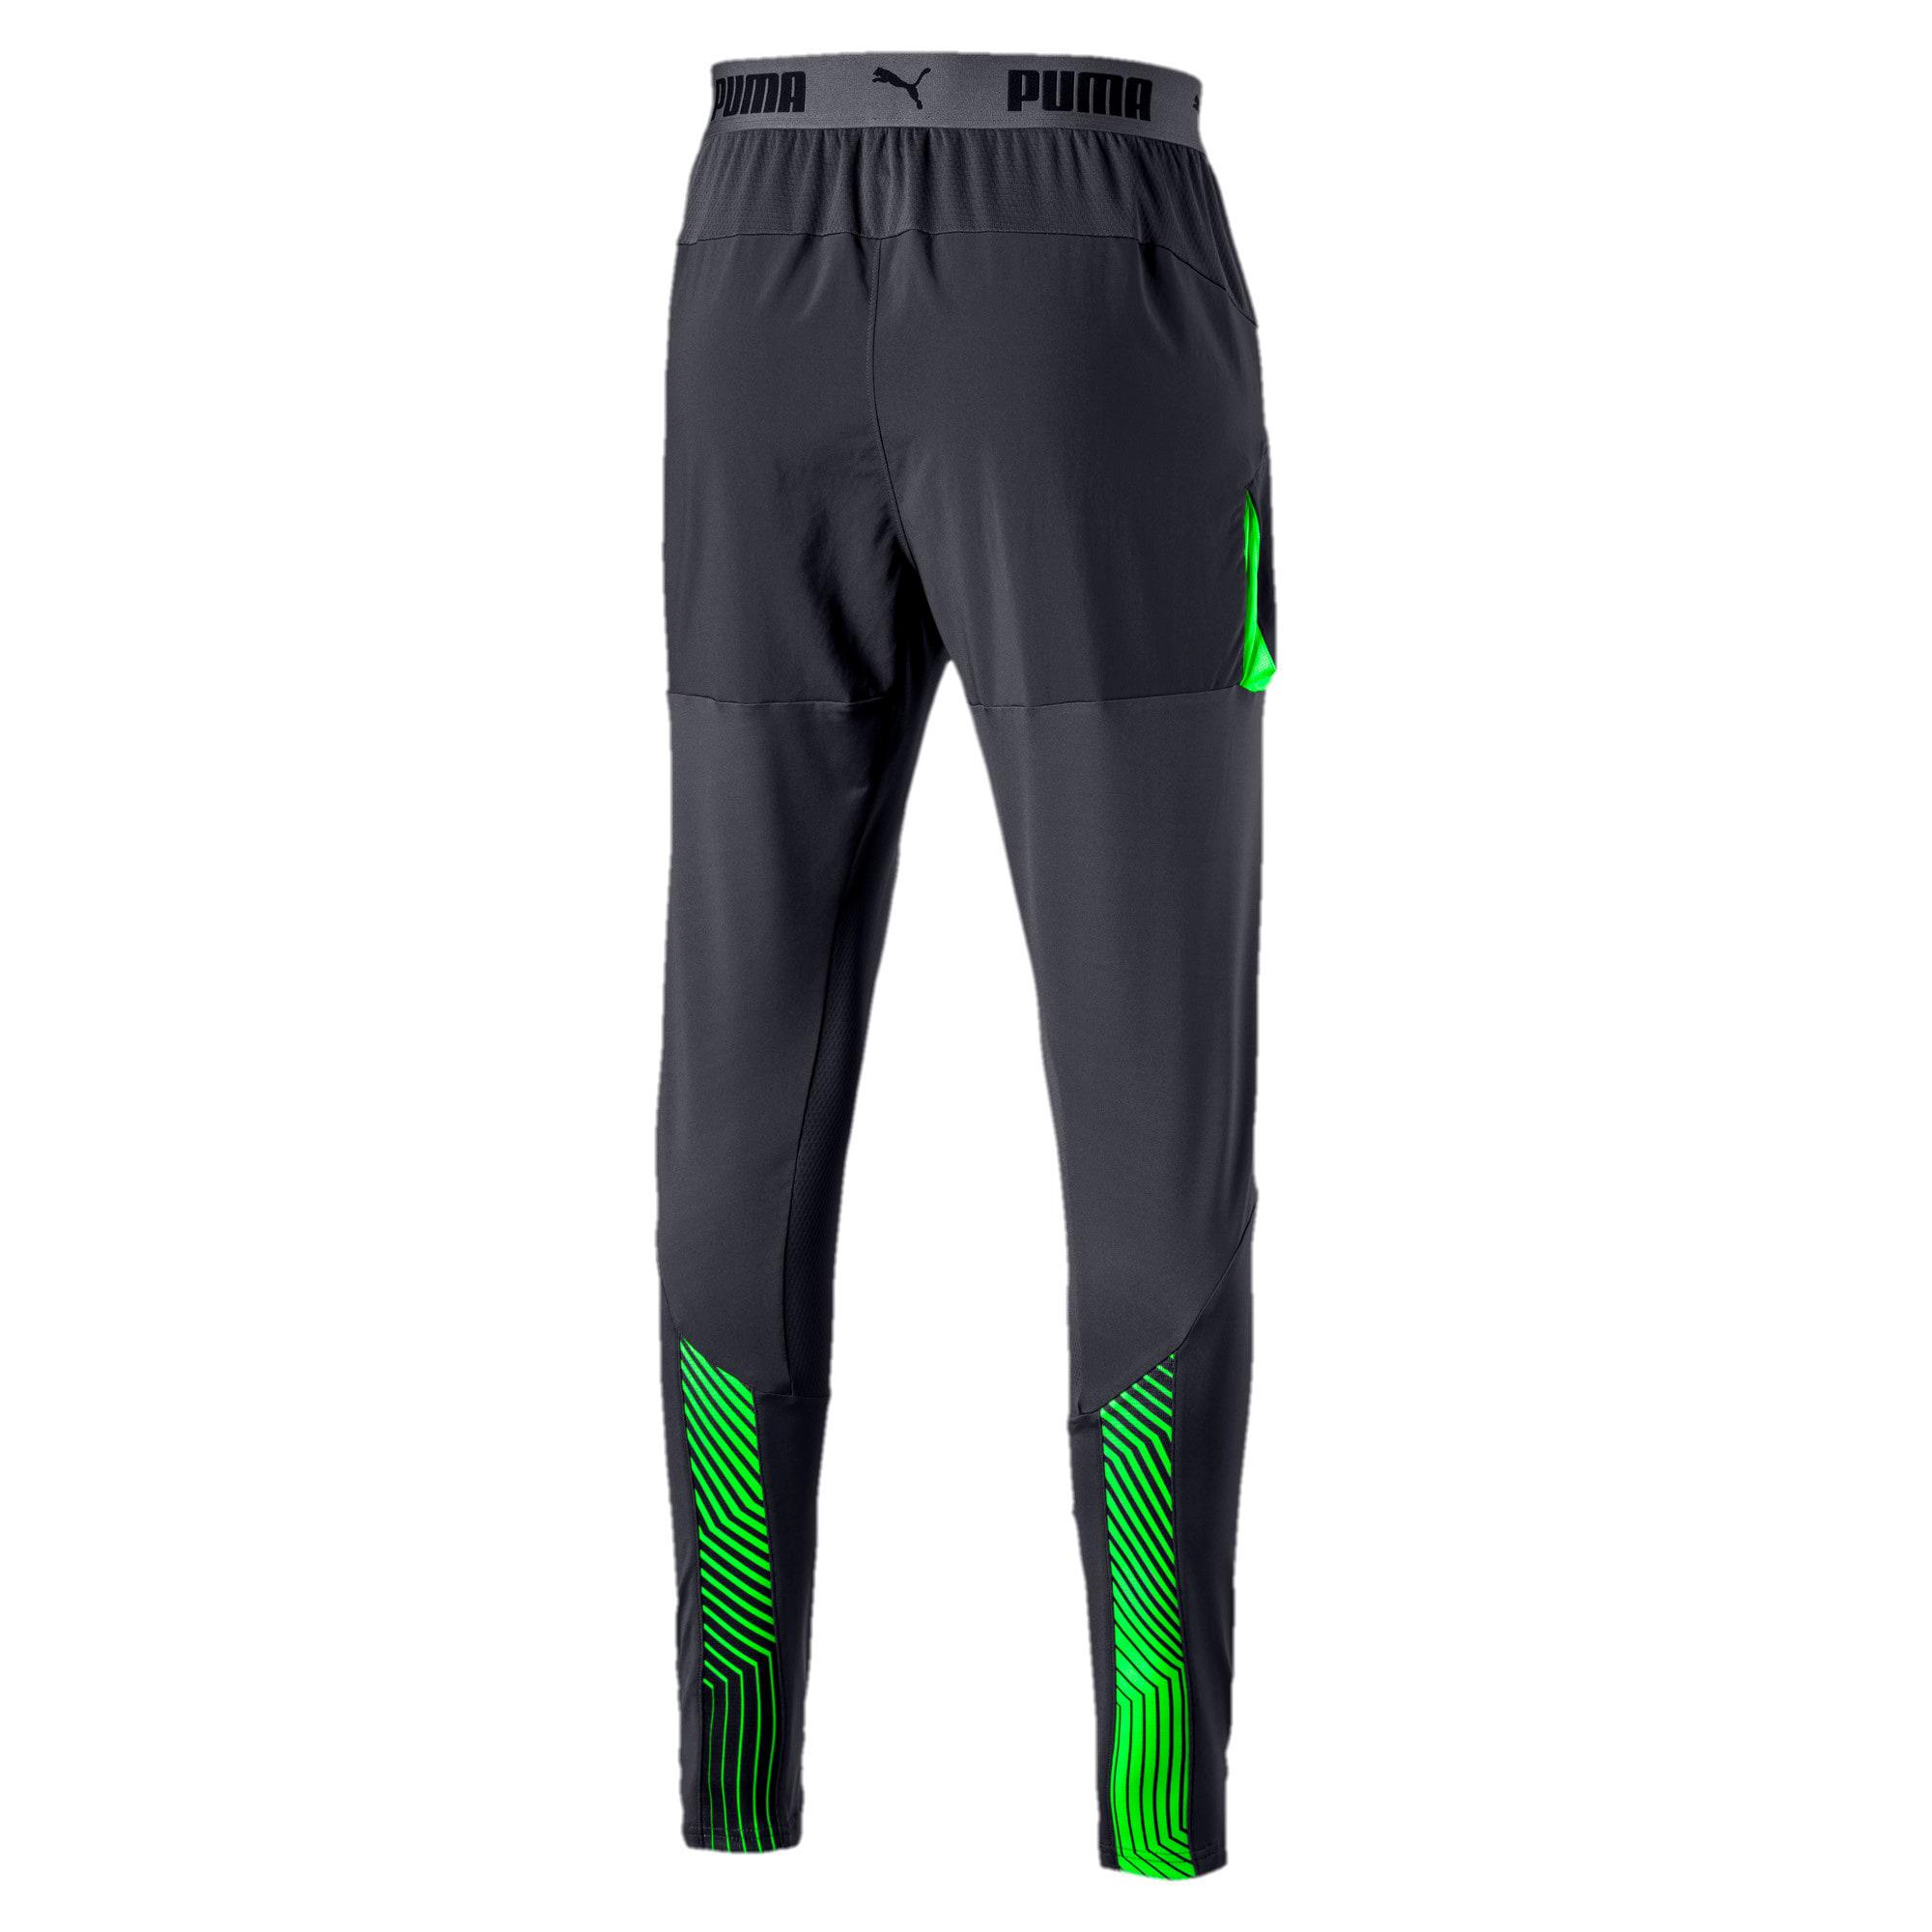 Thumbnail 4 of ftblNXT Men's Pro Training Pants, Ebony-Green Gecko, medium